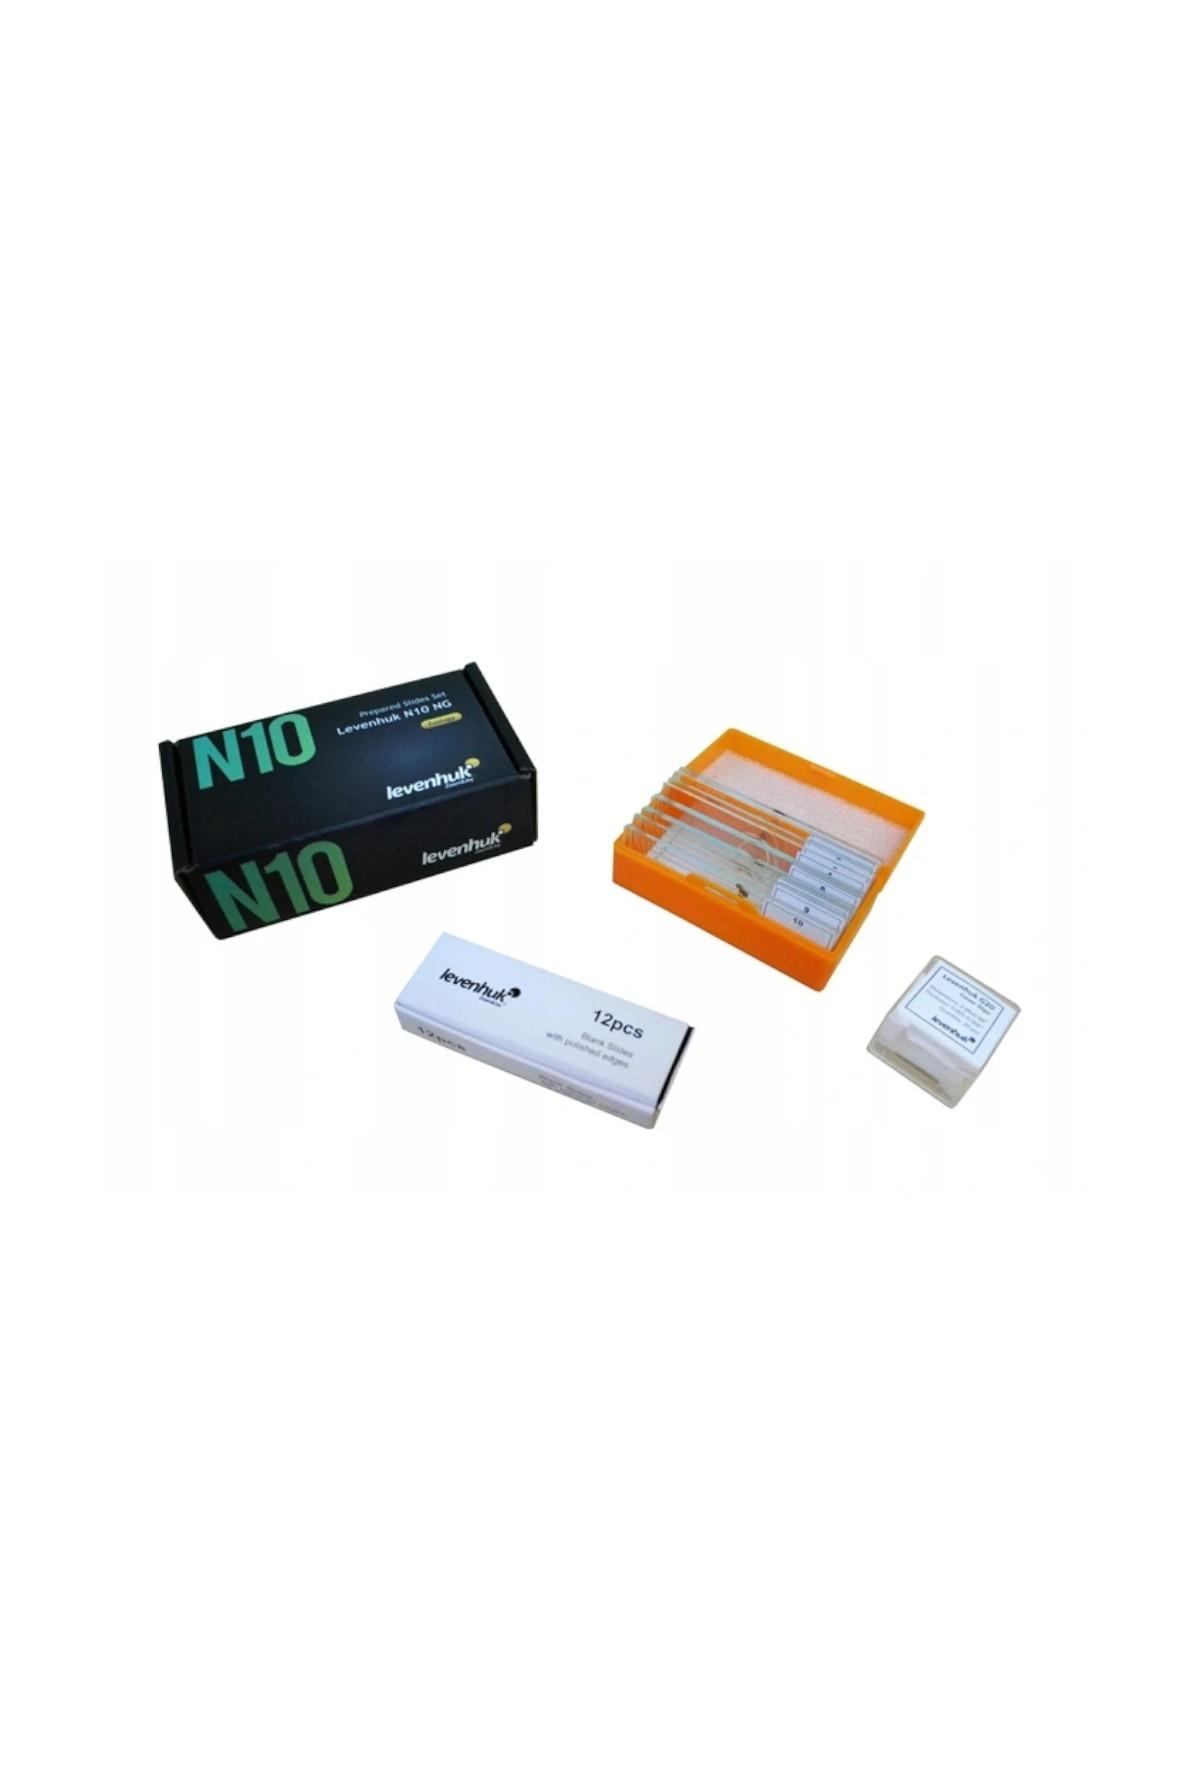 Zestaw gotowych preparatów do mikroskopu N10 NG